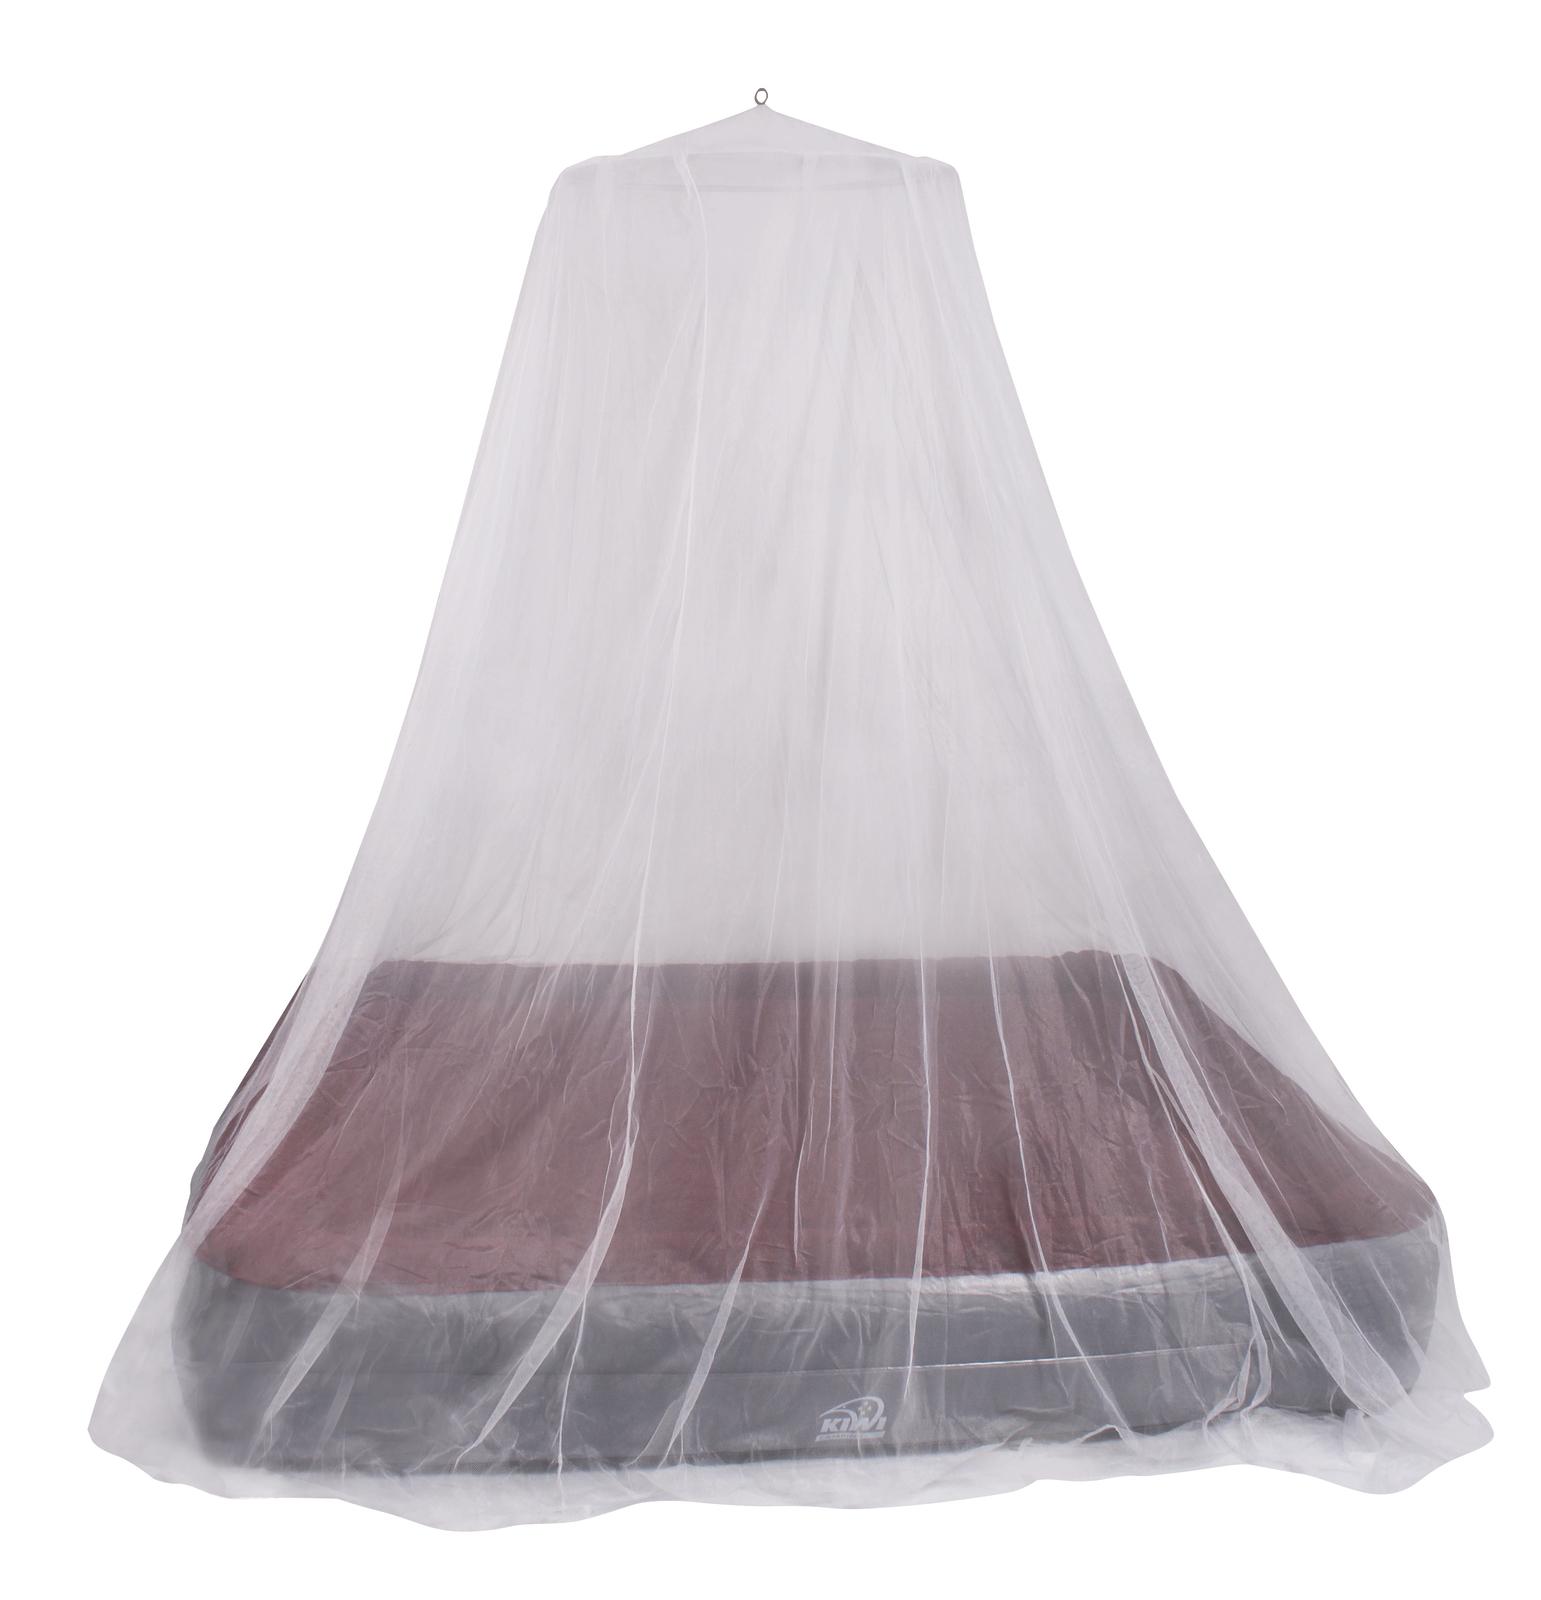 Kiwi Mosquito Net - Double image